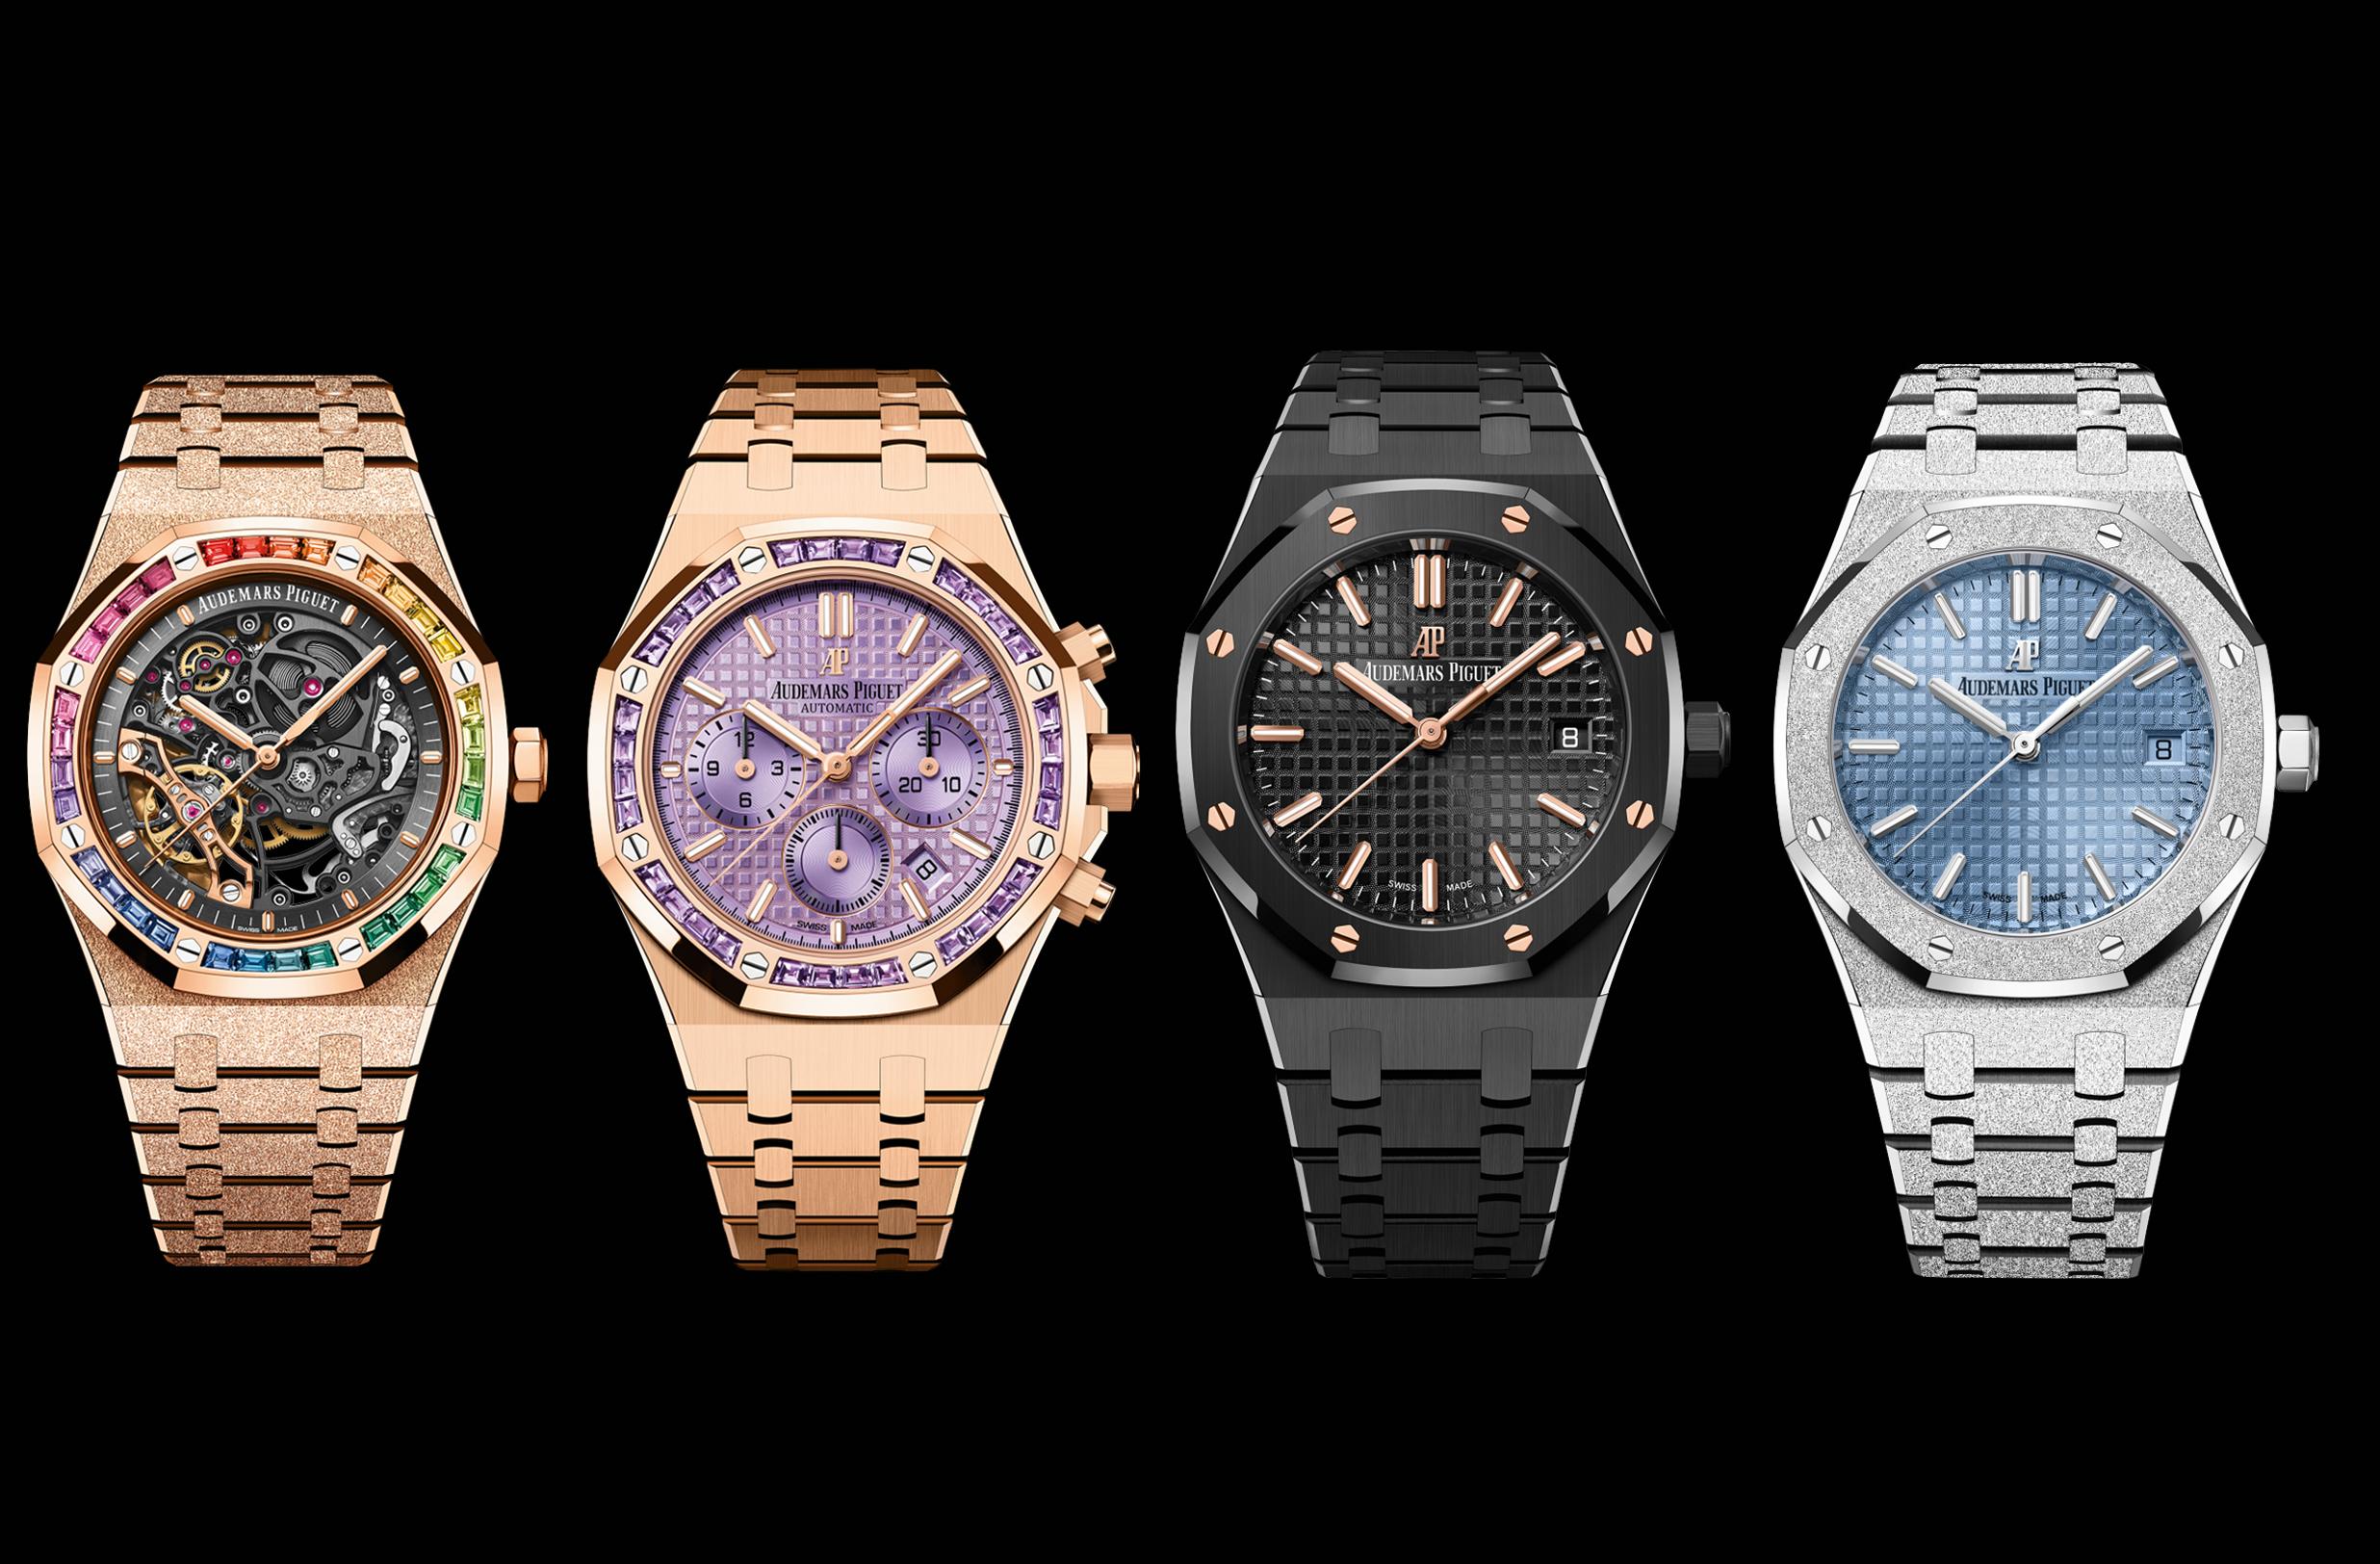 Audemars Piguet khuấy động mùa hè với sự ra mắt 4 mẫu đồng hồ mới dành cho phái đẹp